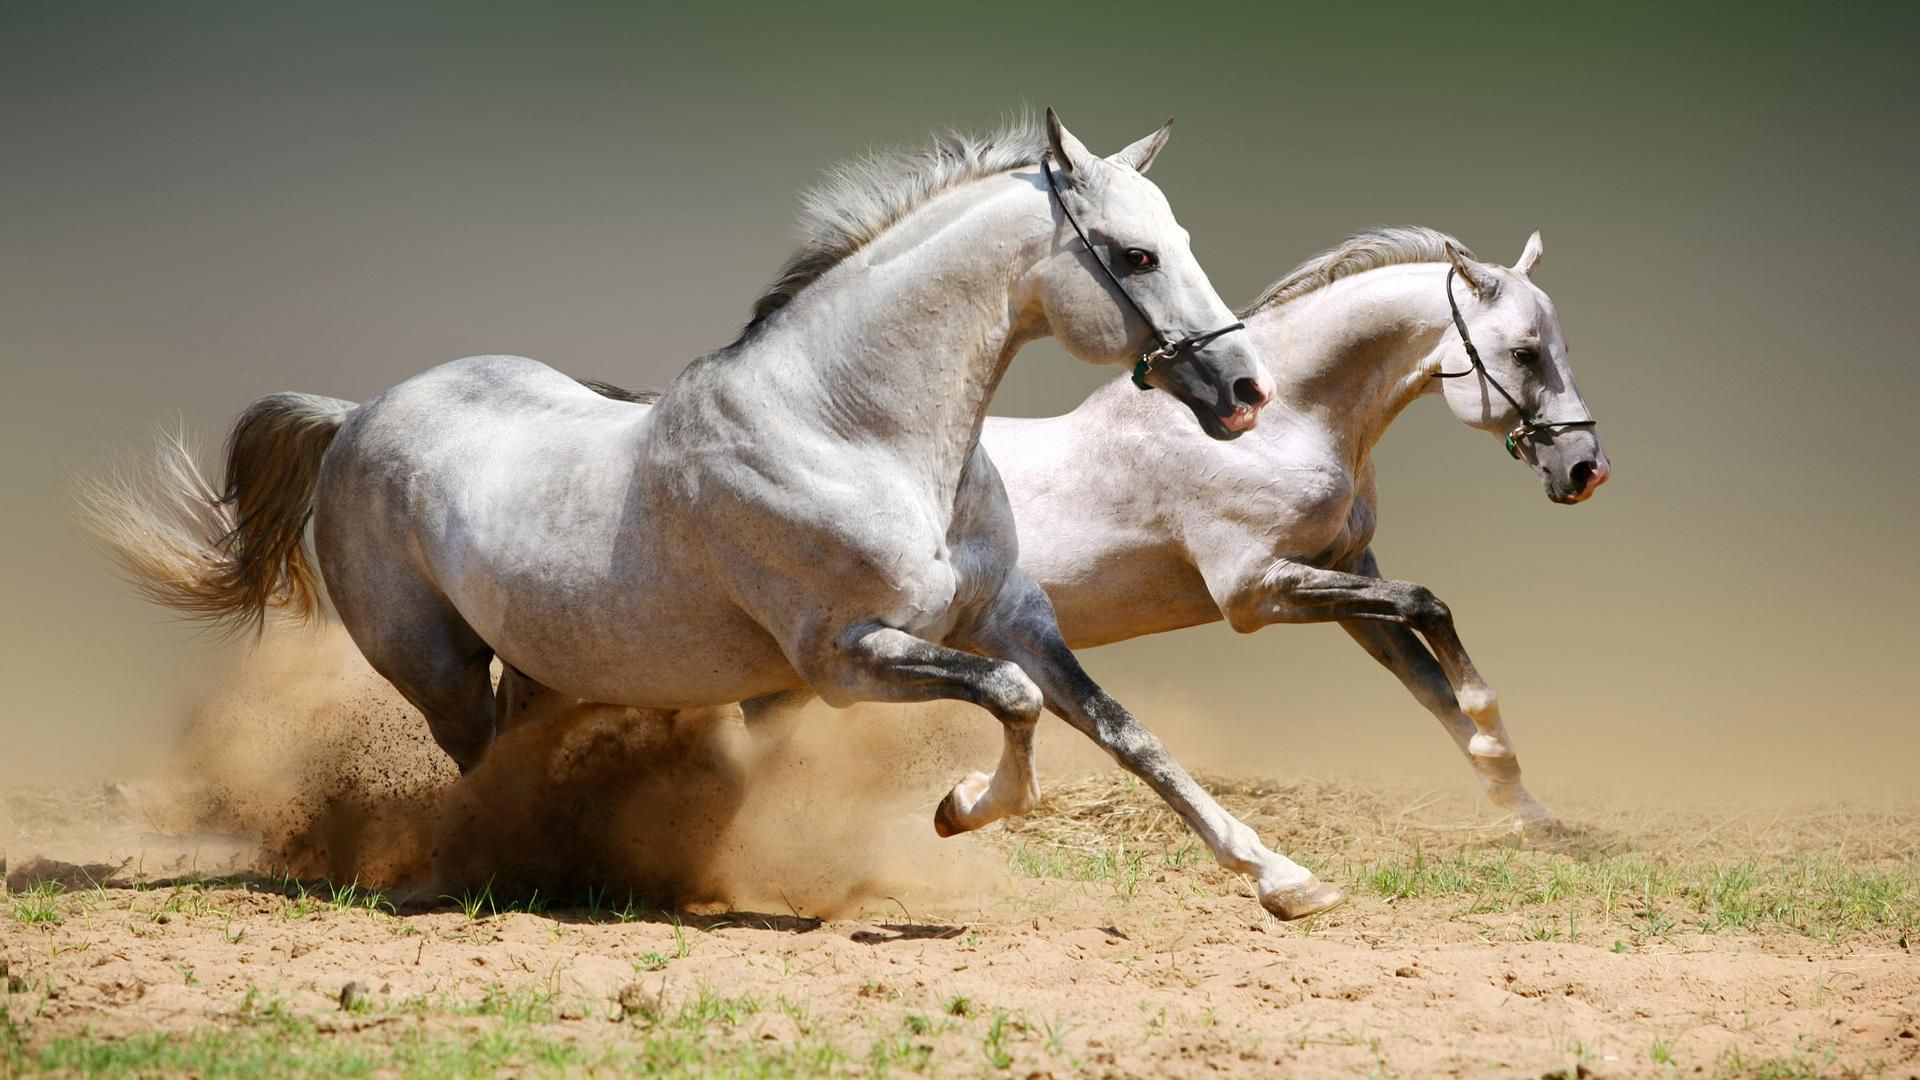 Cool Wallpaper Horse Lightning - 0b1fac6288357d3af9e846282a45c759  Trends_759834.jpg